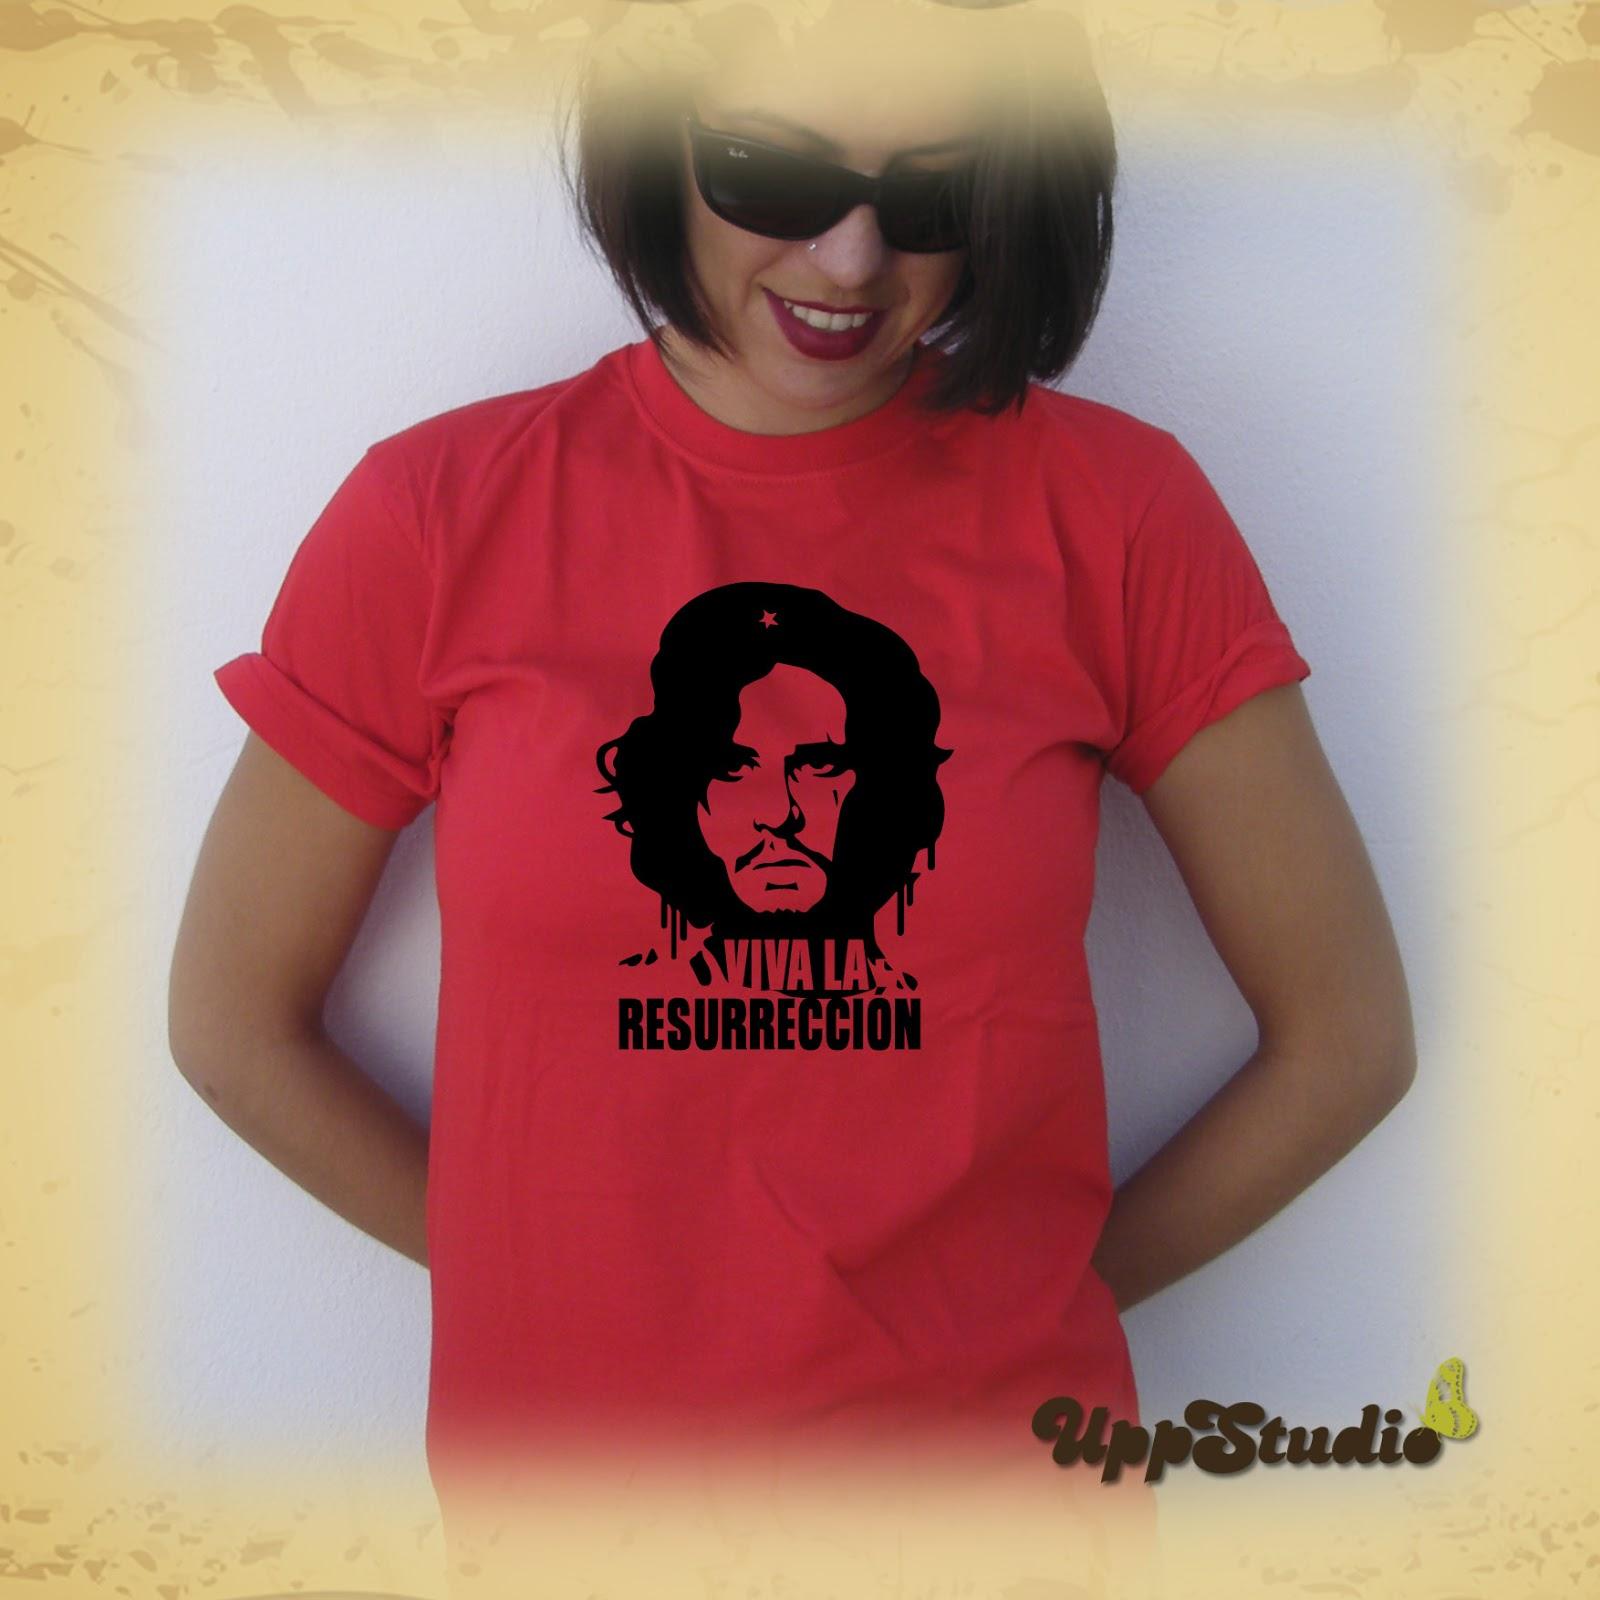 http://www.uppstudio.com/Camiseta-Jon-Snow-Viva-La-Resurreccion?utm_source=SPEC&utm_medium=Blog&utm_campaign=GOTSPEC&utm_term=GOTSPEC